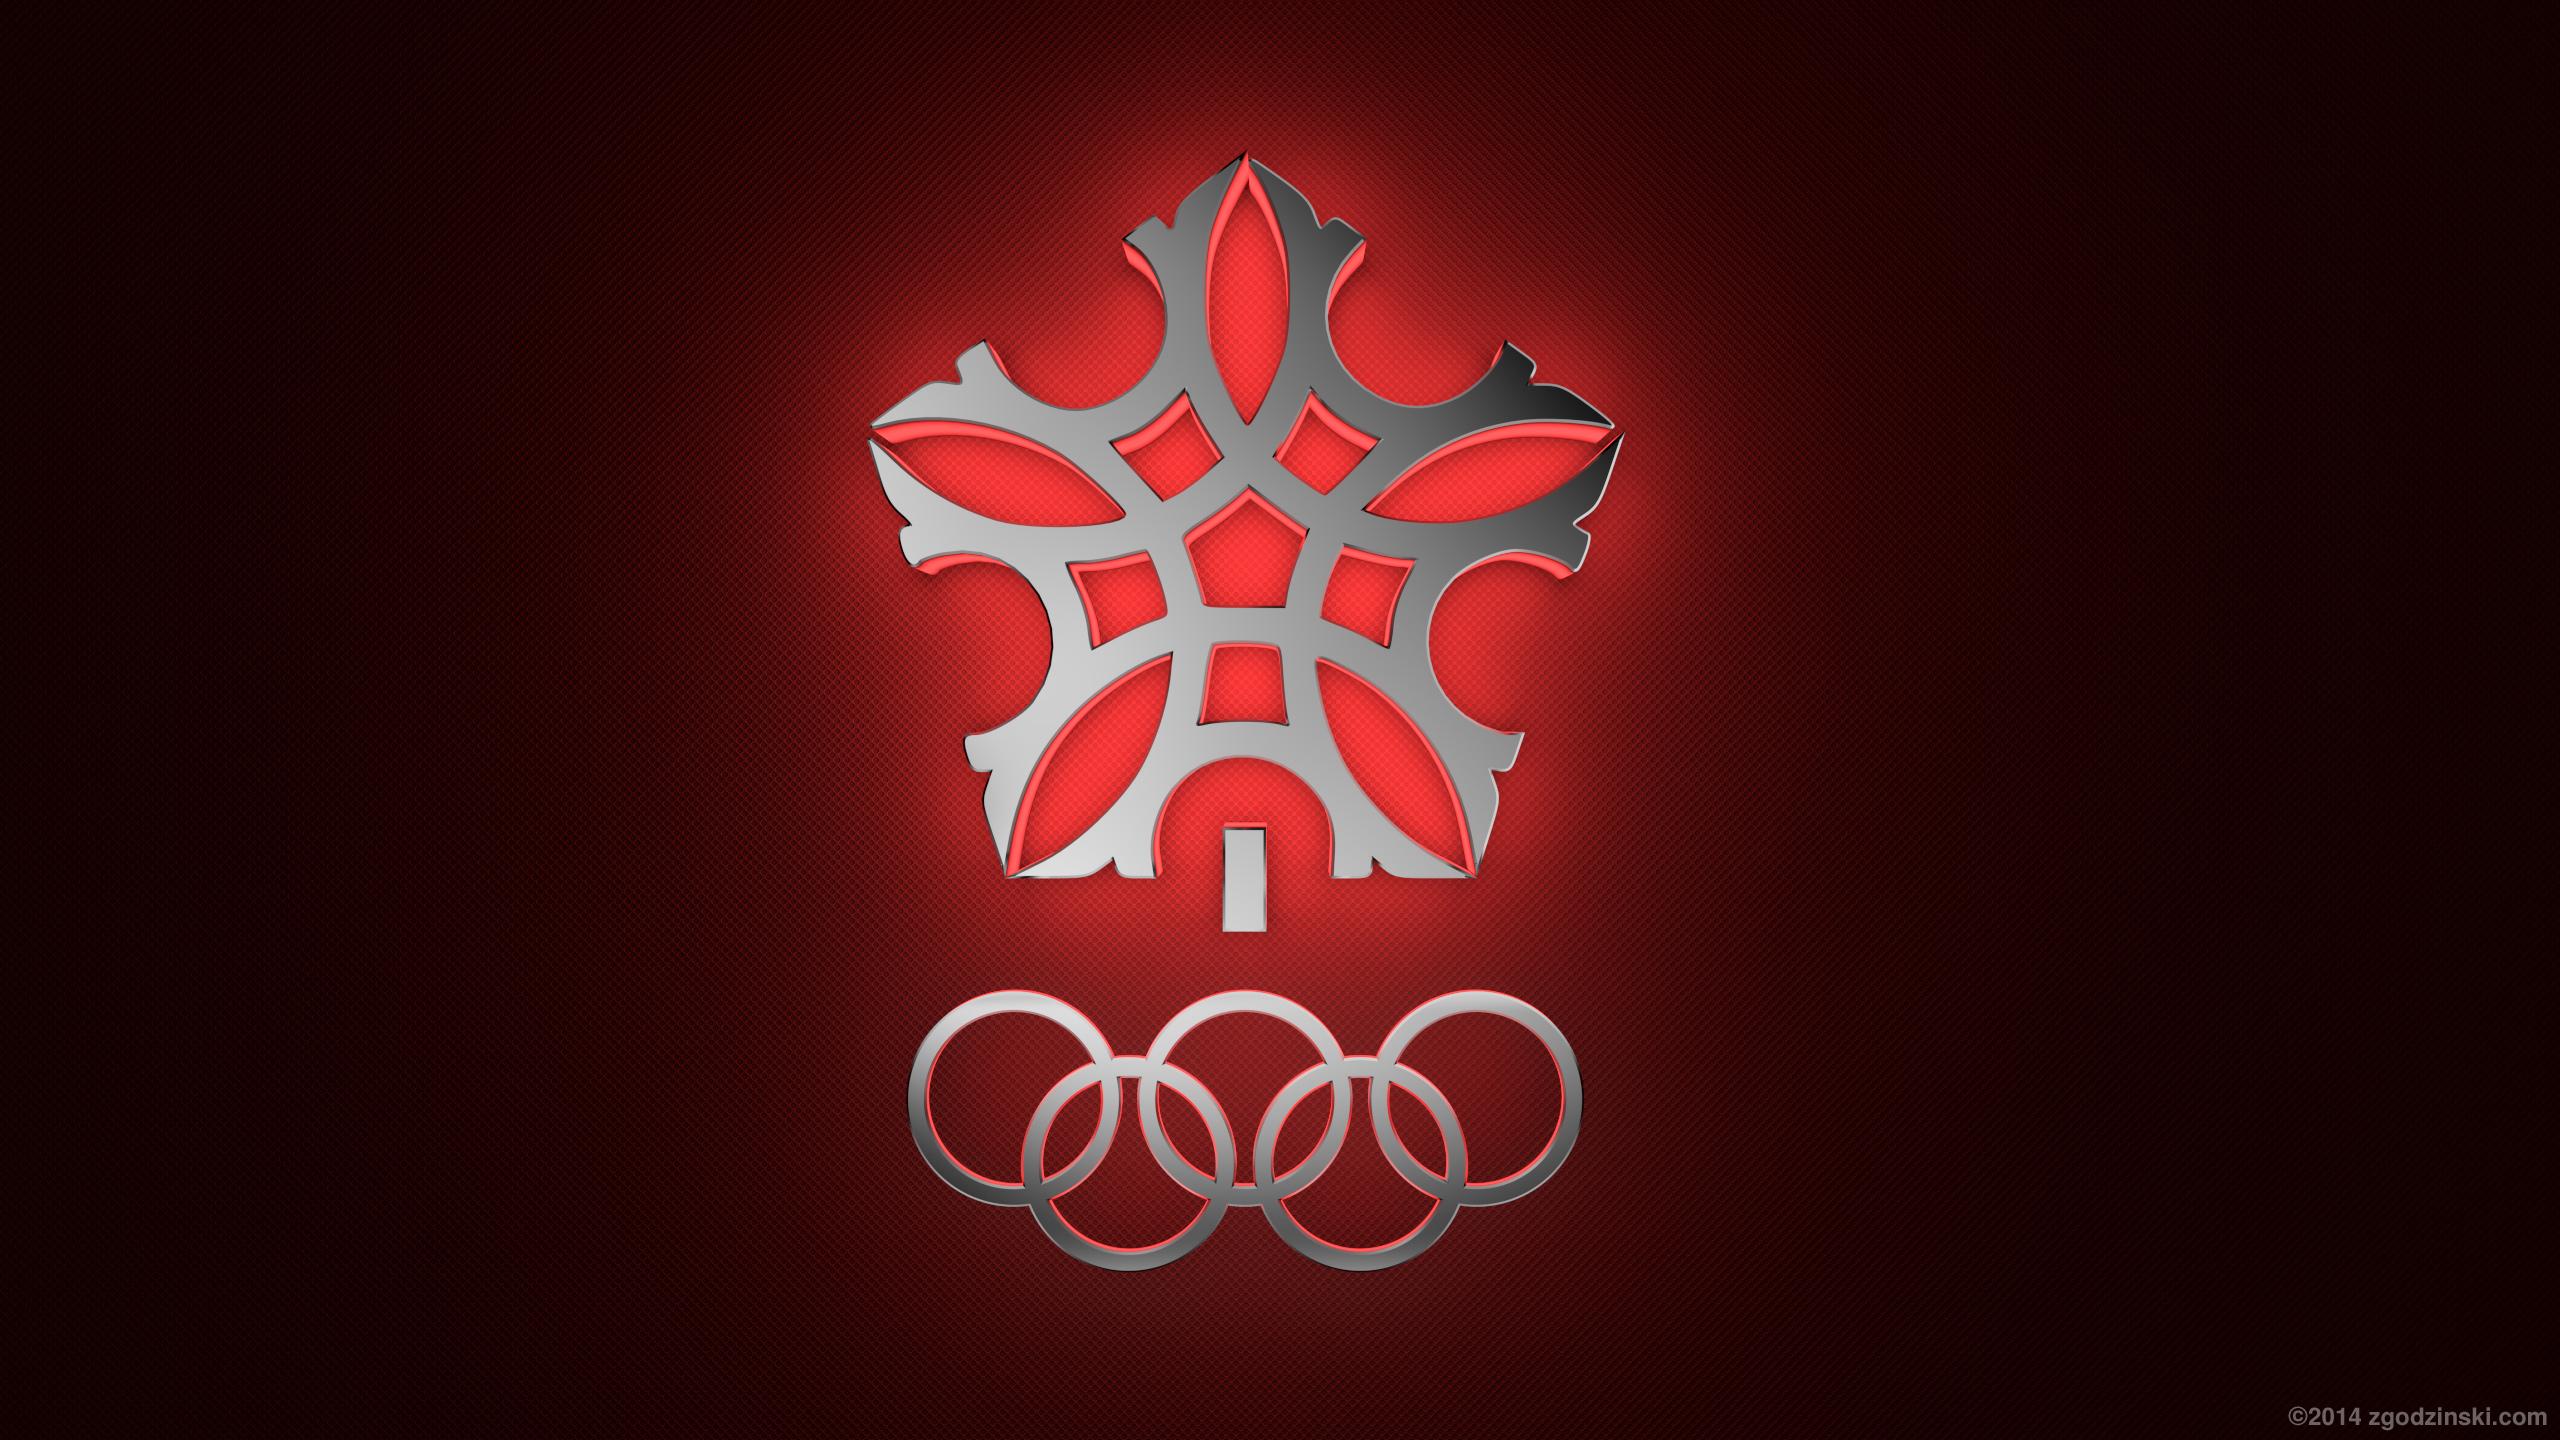 Calgary Olympics logo (1988)